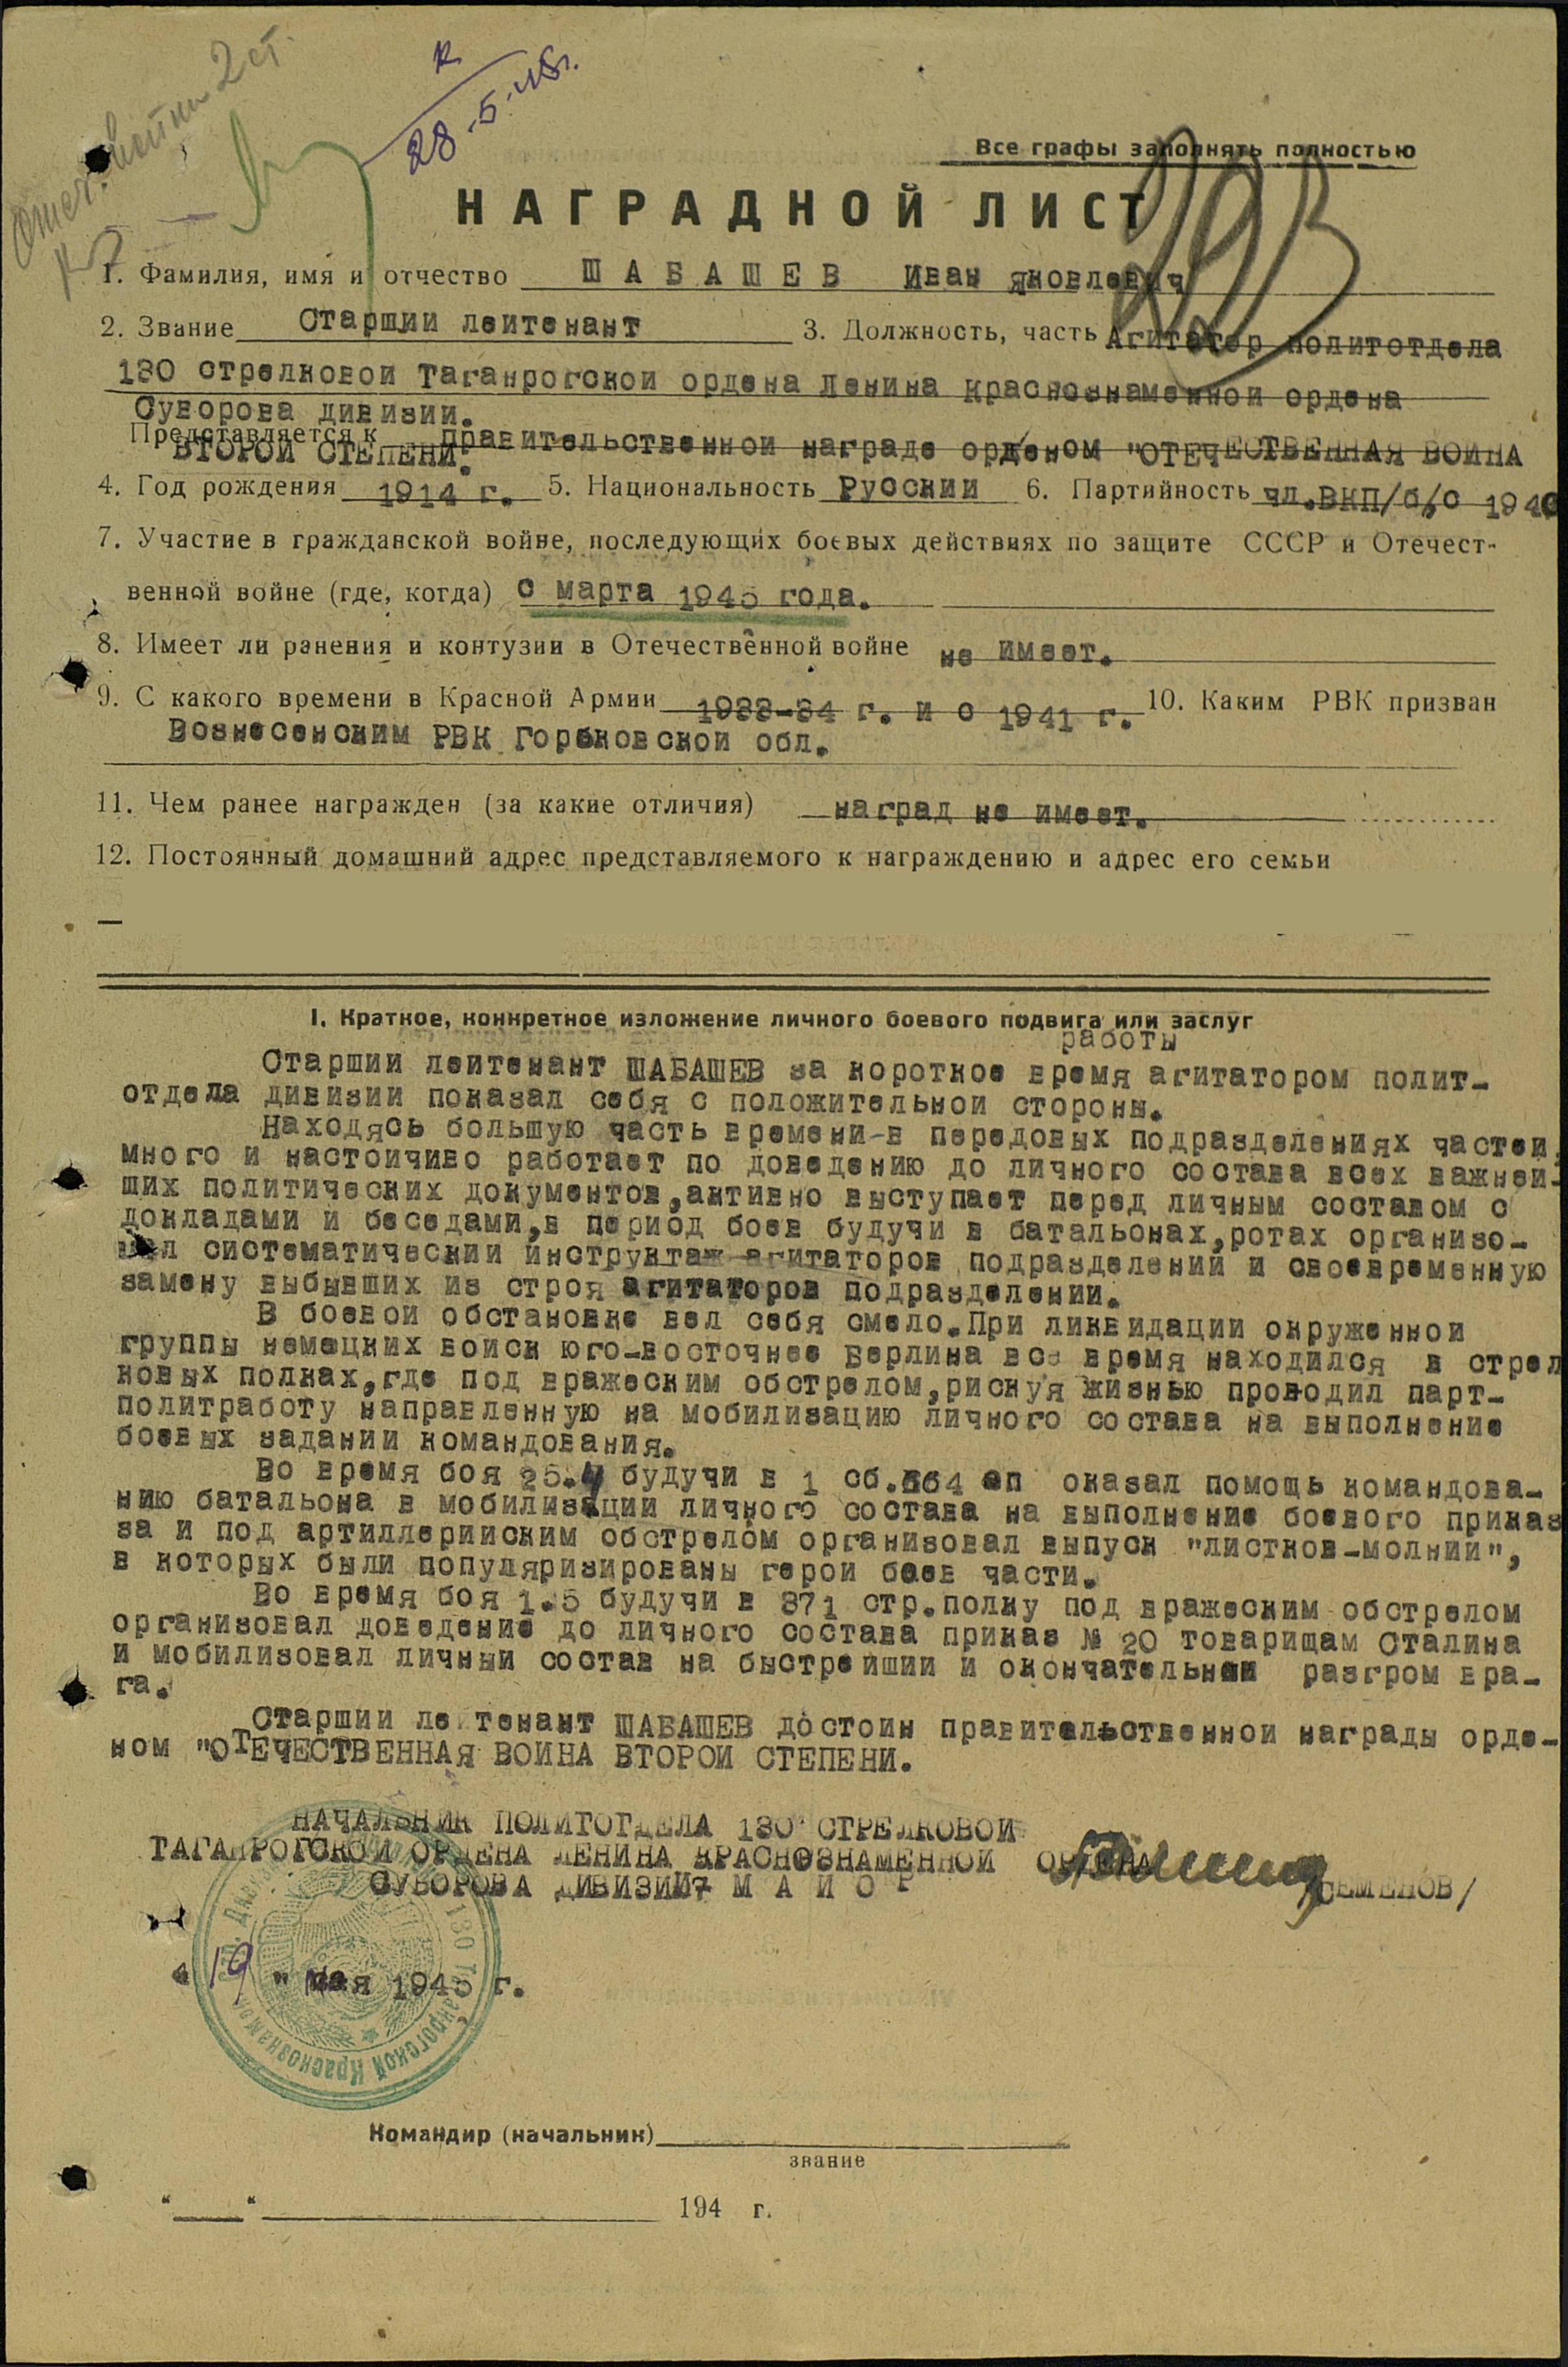 Наградной лист Шабашова Ивана Яковлевича о представлении к награждению орденом Отечественной войны II степени